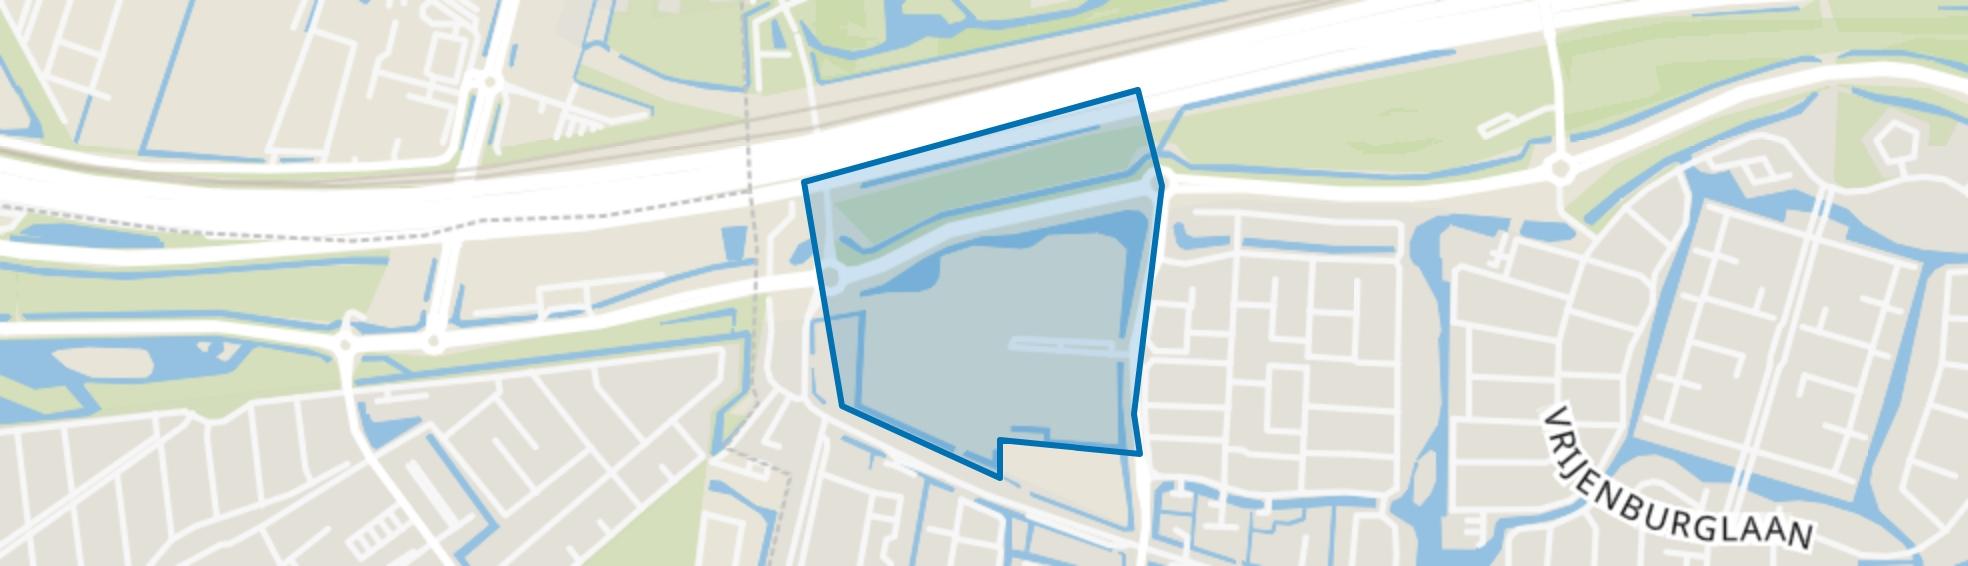 Sportpark Smitshoek, Barendrecht map